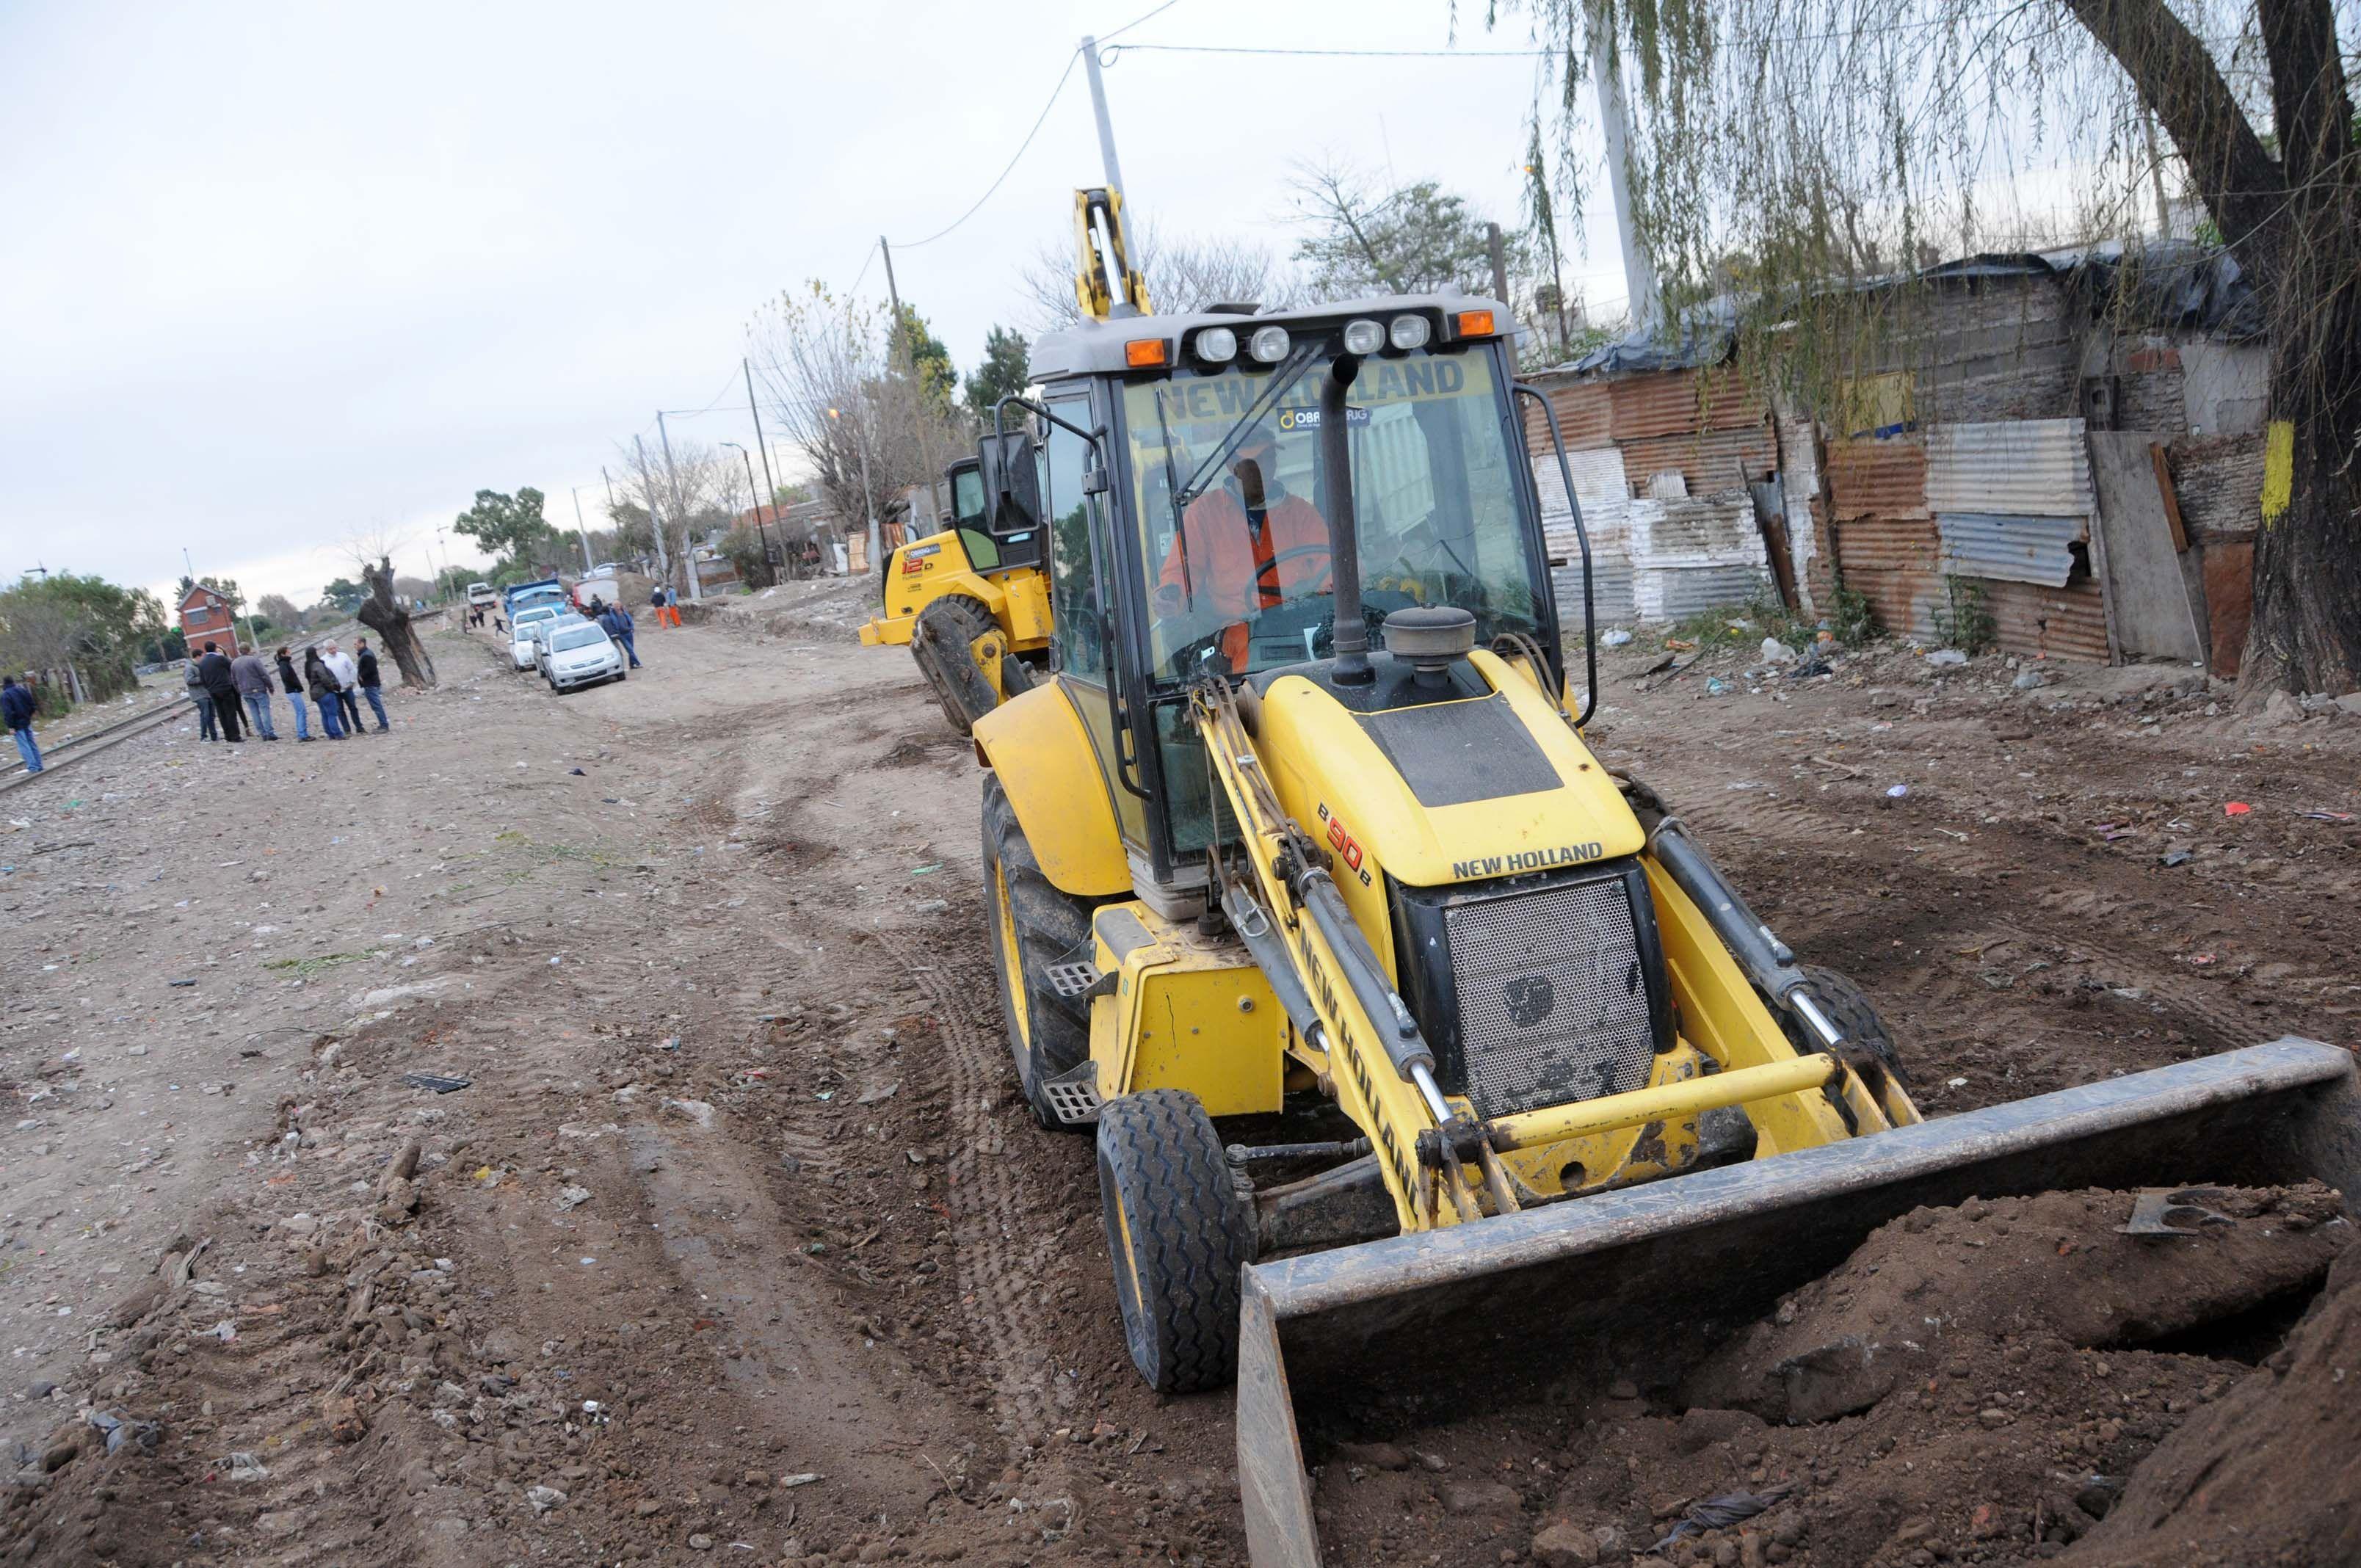 Nuevas arterias. En el barrio de la zona norte se abrieron calles que brindan una mayor conectividad.